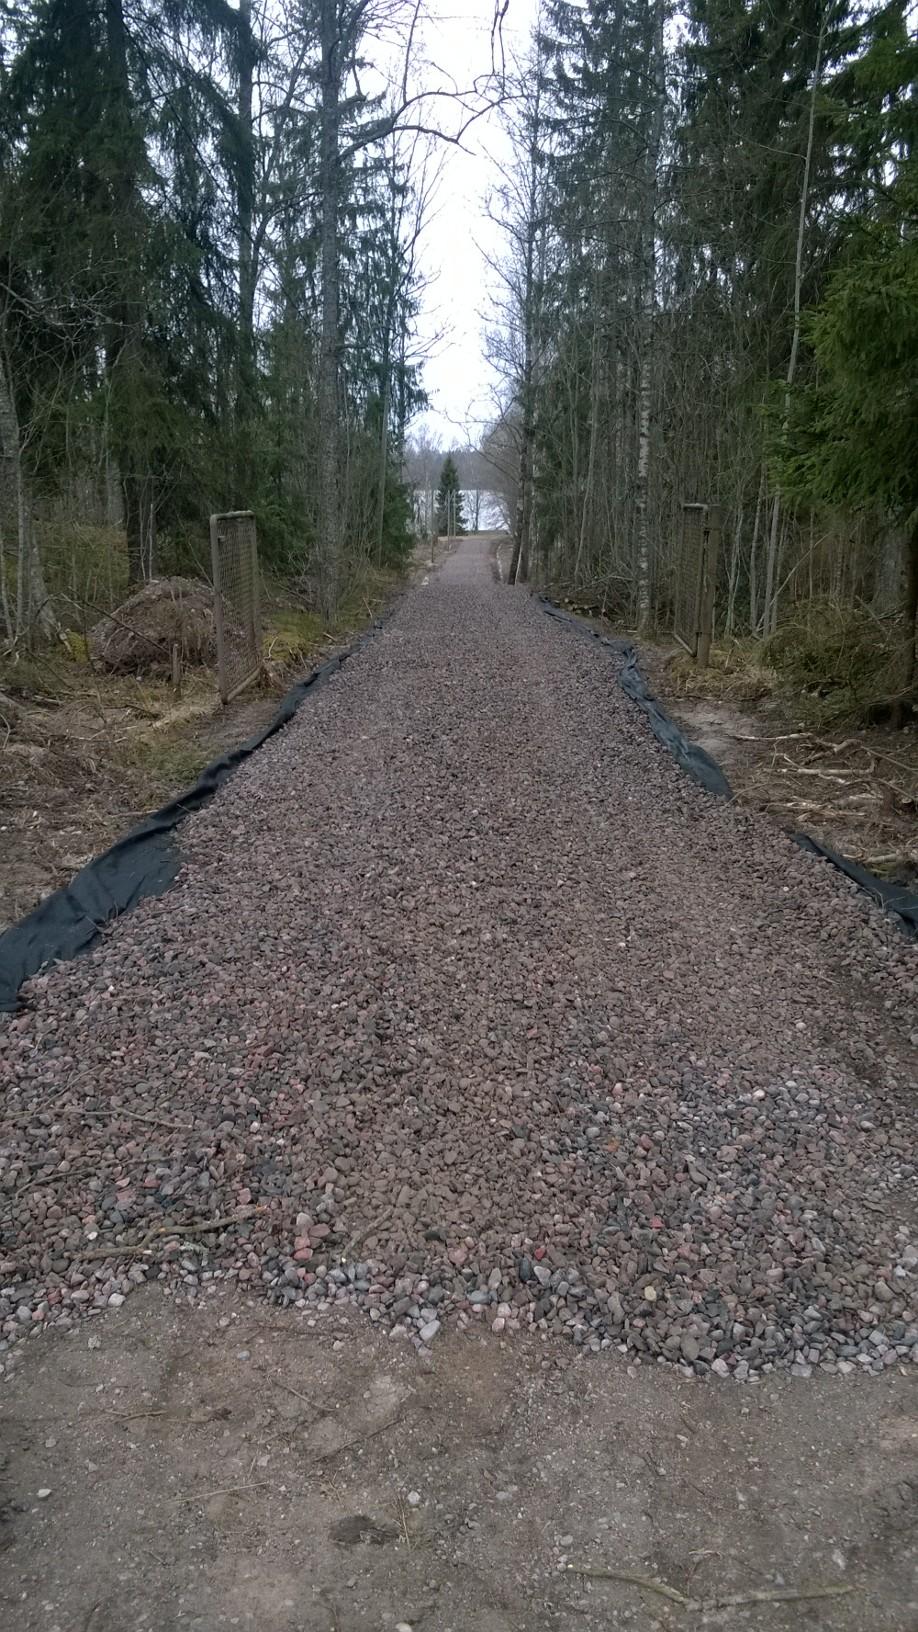 Uusimaa Pohjois Lohja Hiidenvesi Tontti Vapaa Ajan Ranta Sauna